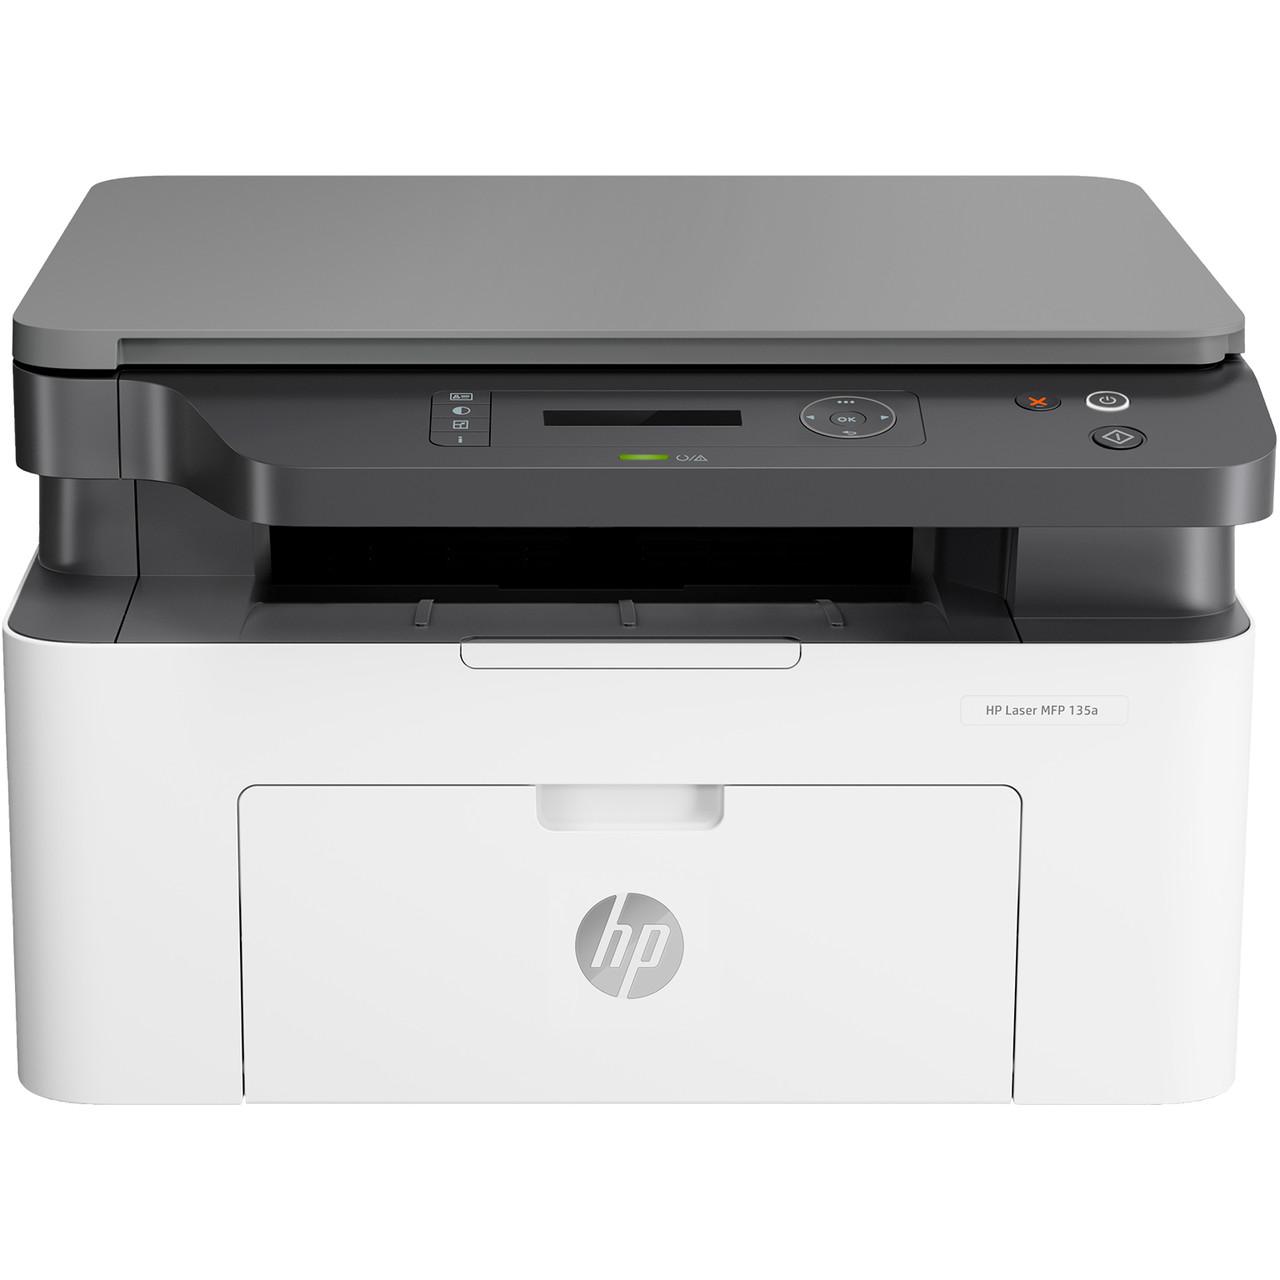 МФУ HP 4ZB82A Laser MFP 135a Printer, A4, печать 1200x1200dpi, копир 600x600dpi, сканер 600x600dpi, Hi-Speed U